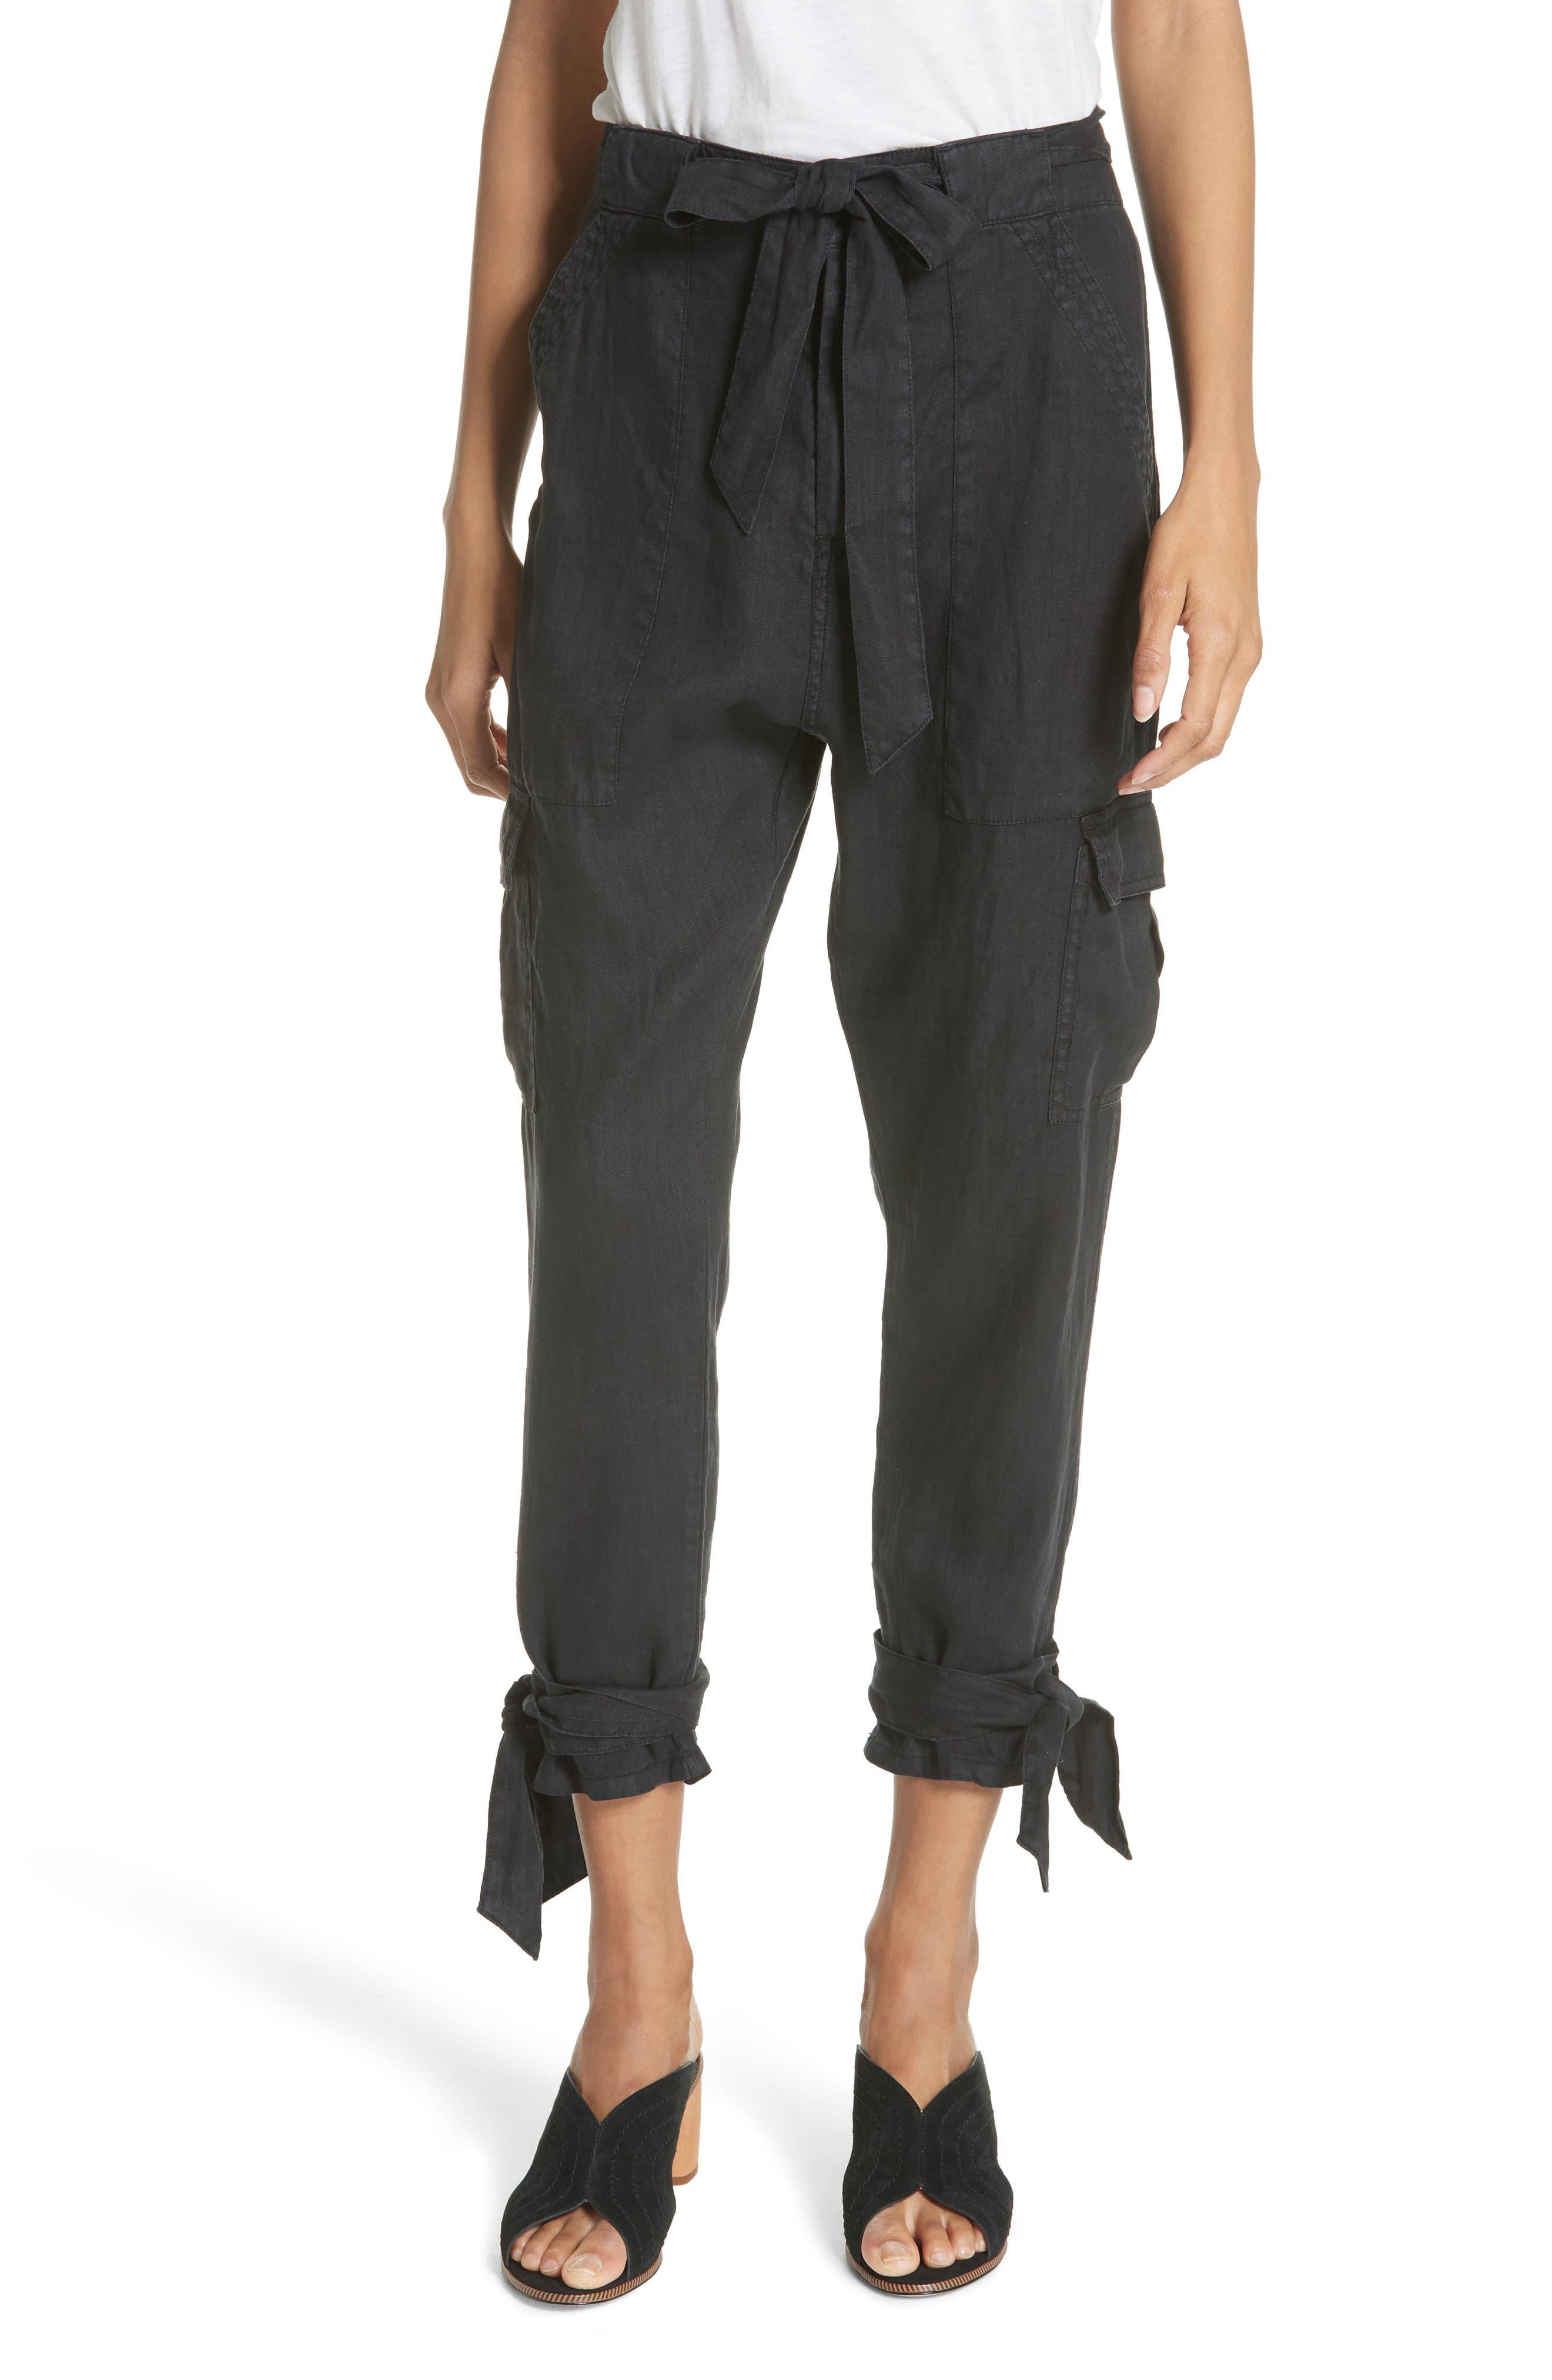 Erlette Linen Tie Cuff Crop Pants,                             Main thumbnail 1, color,                             Caviar